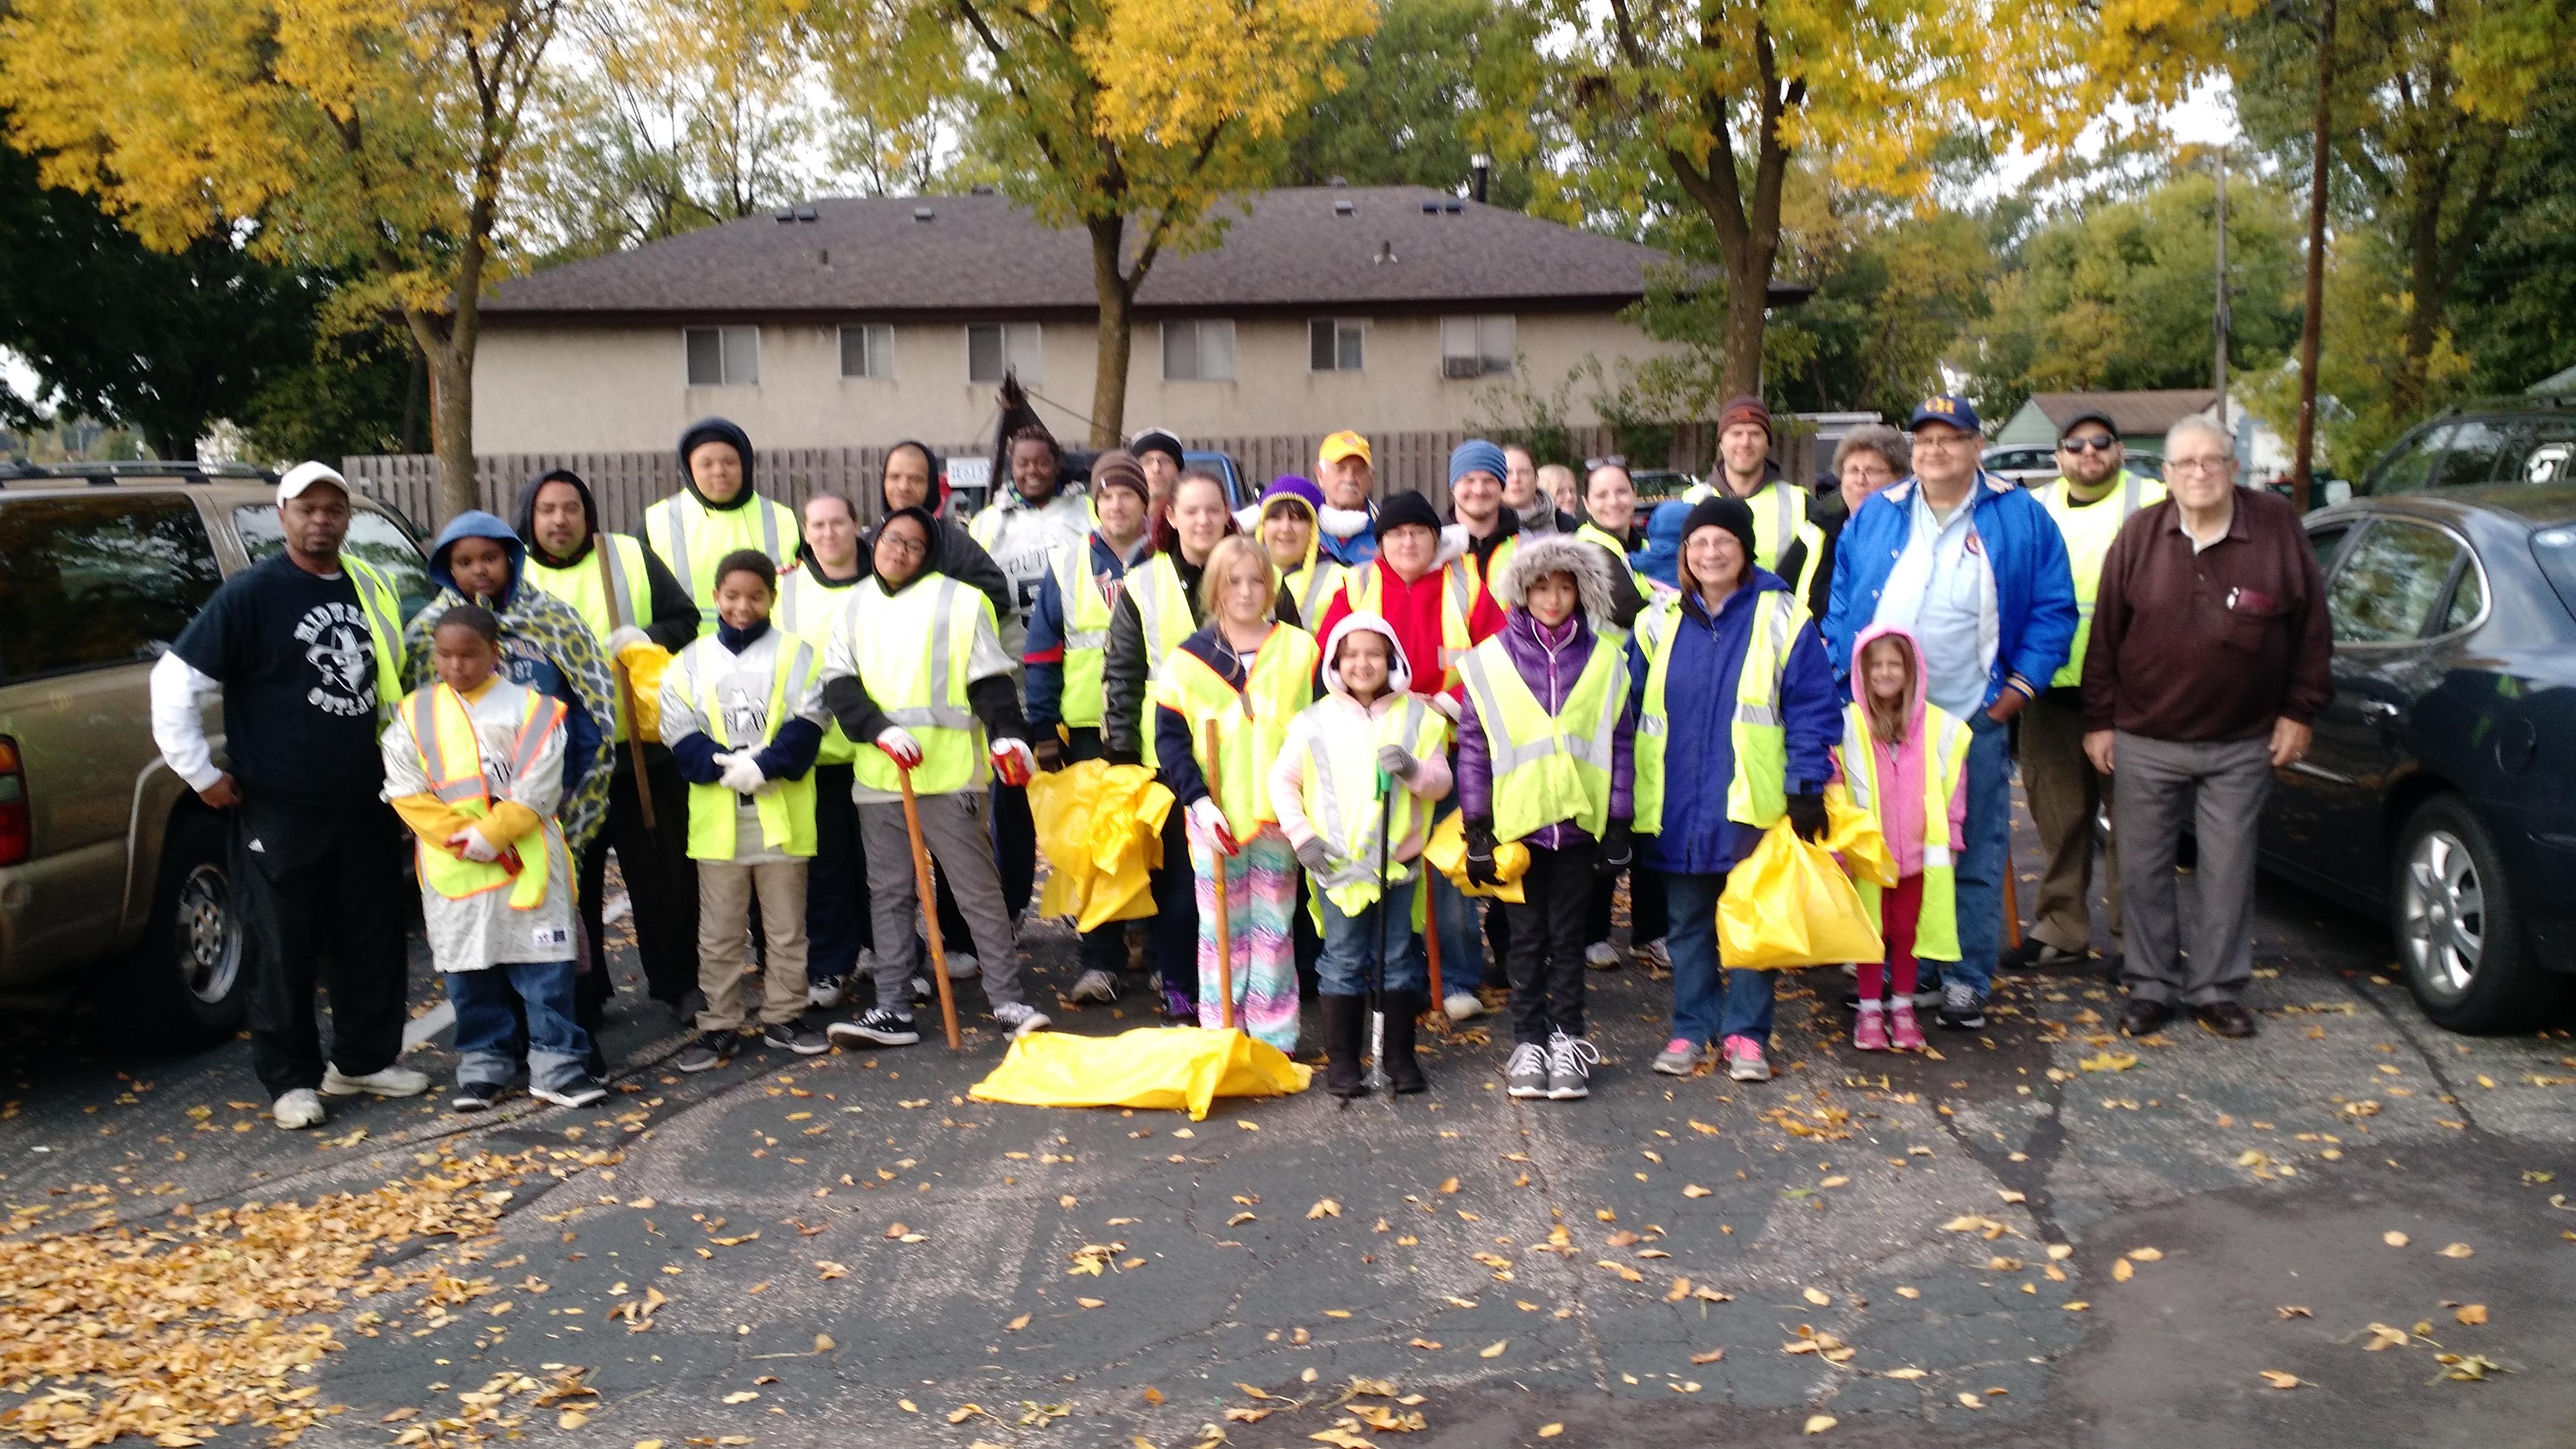 Volunteer in Columbia Heights, MN